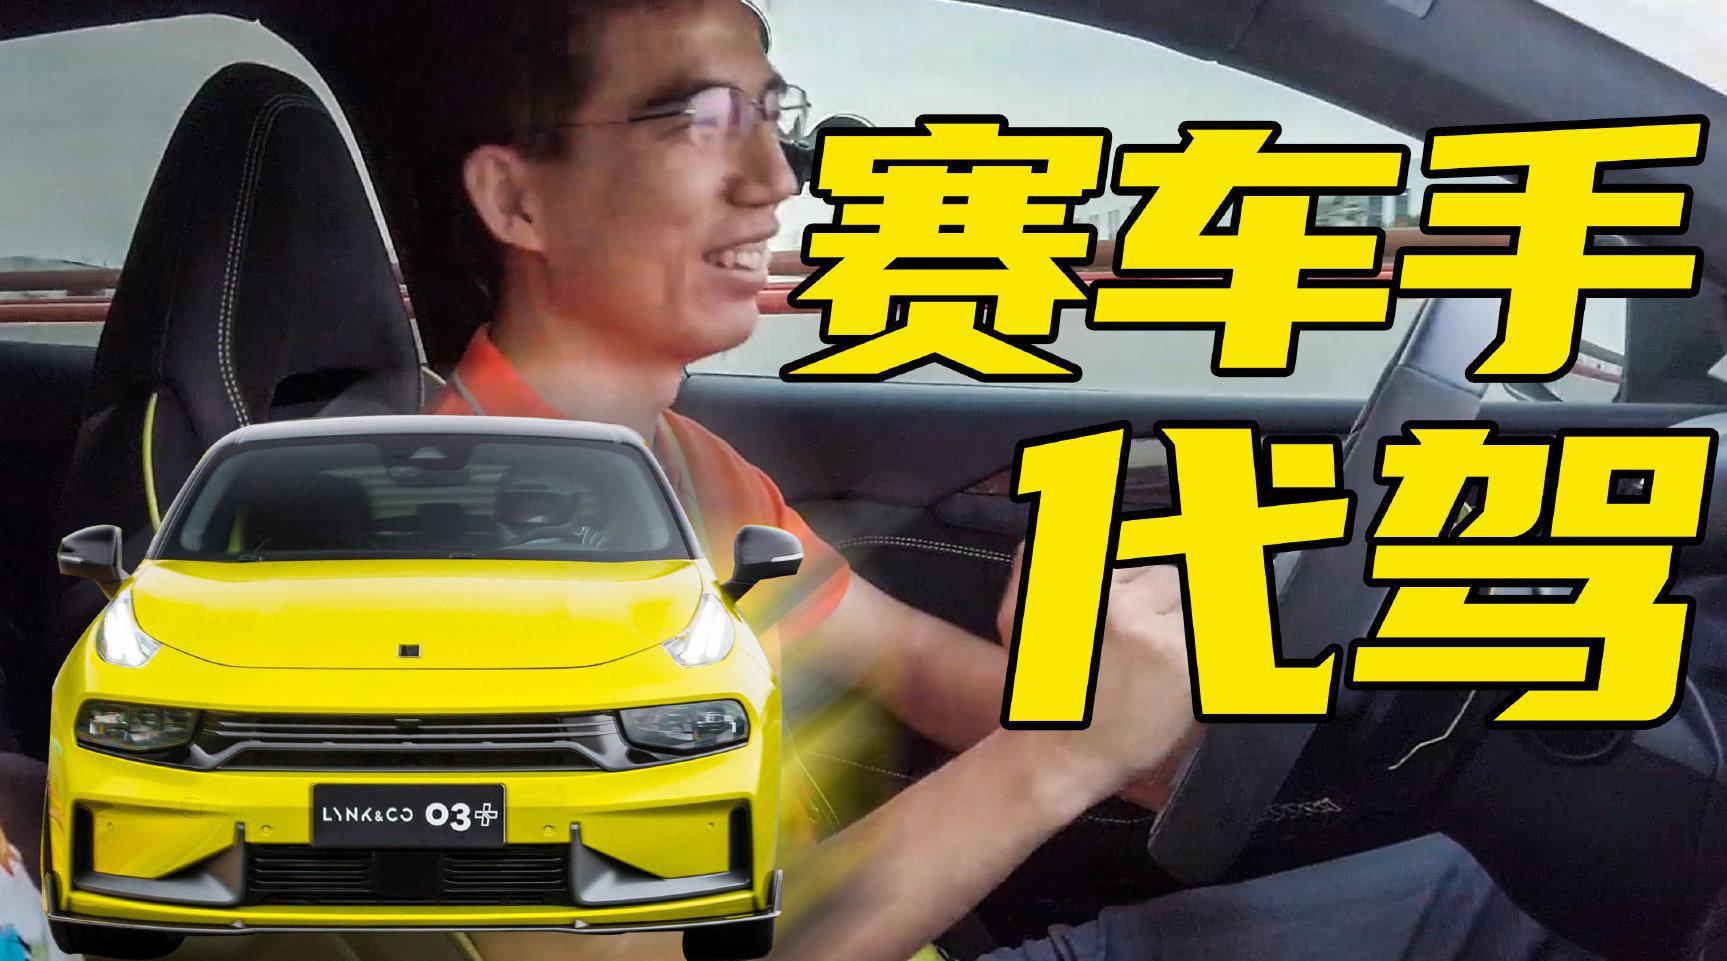 视频:领克03 保养请代驾,居然叫到冠军赛车手?!